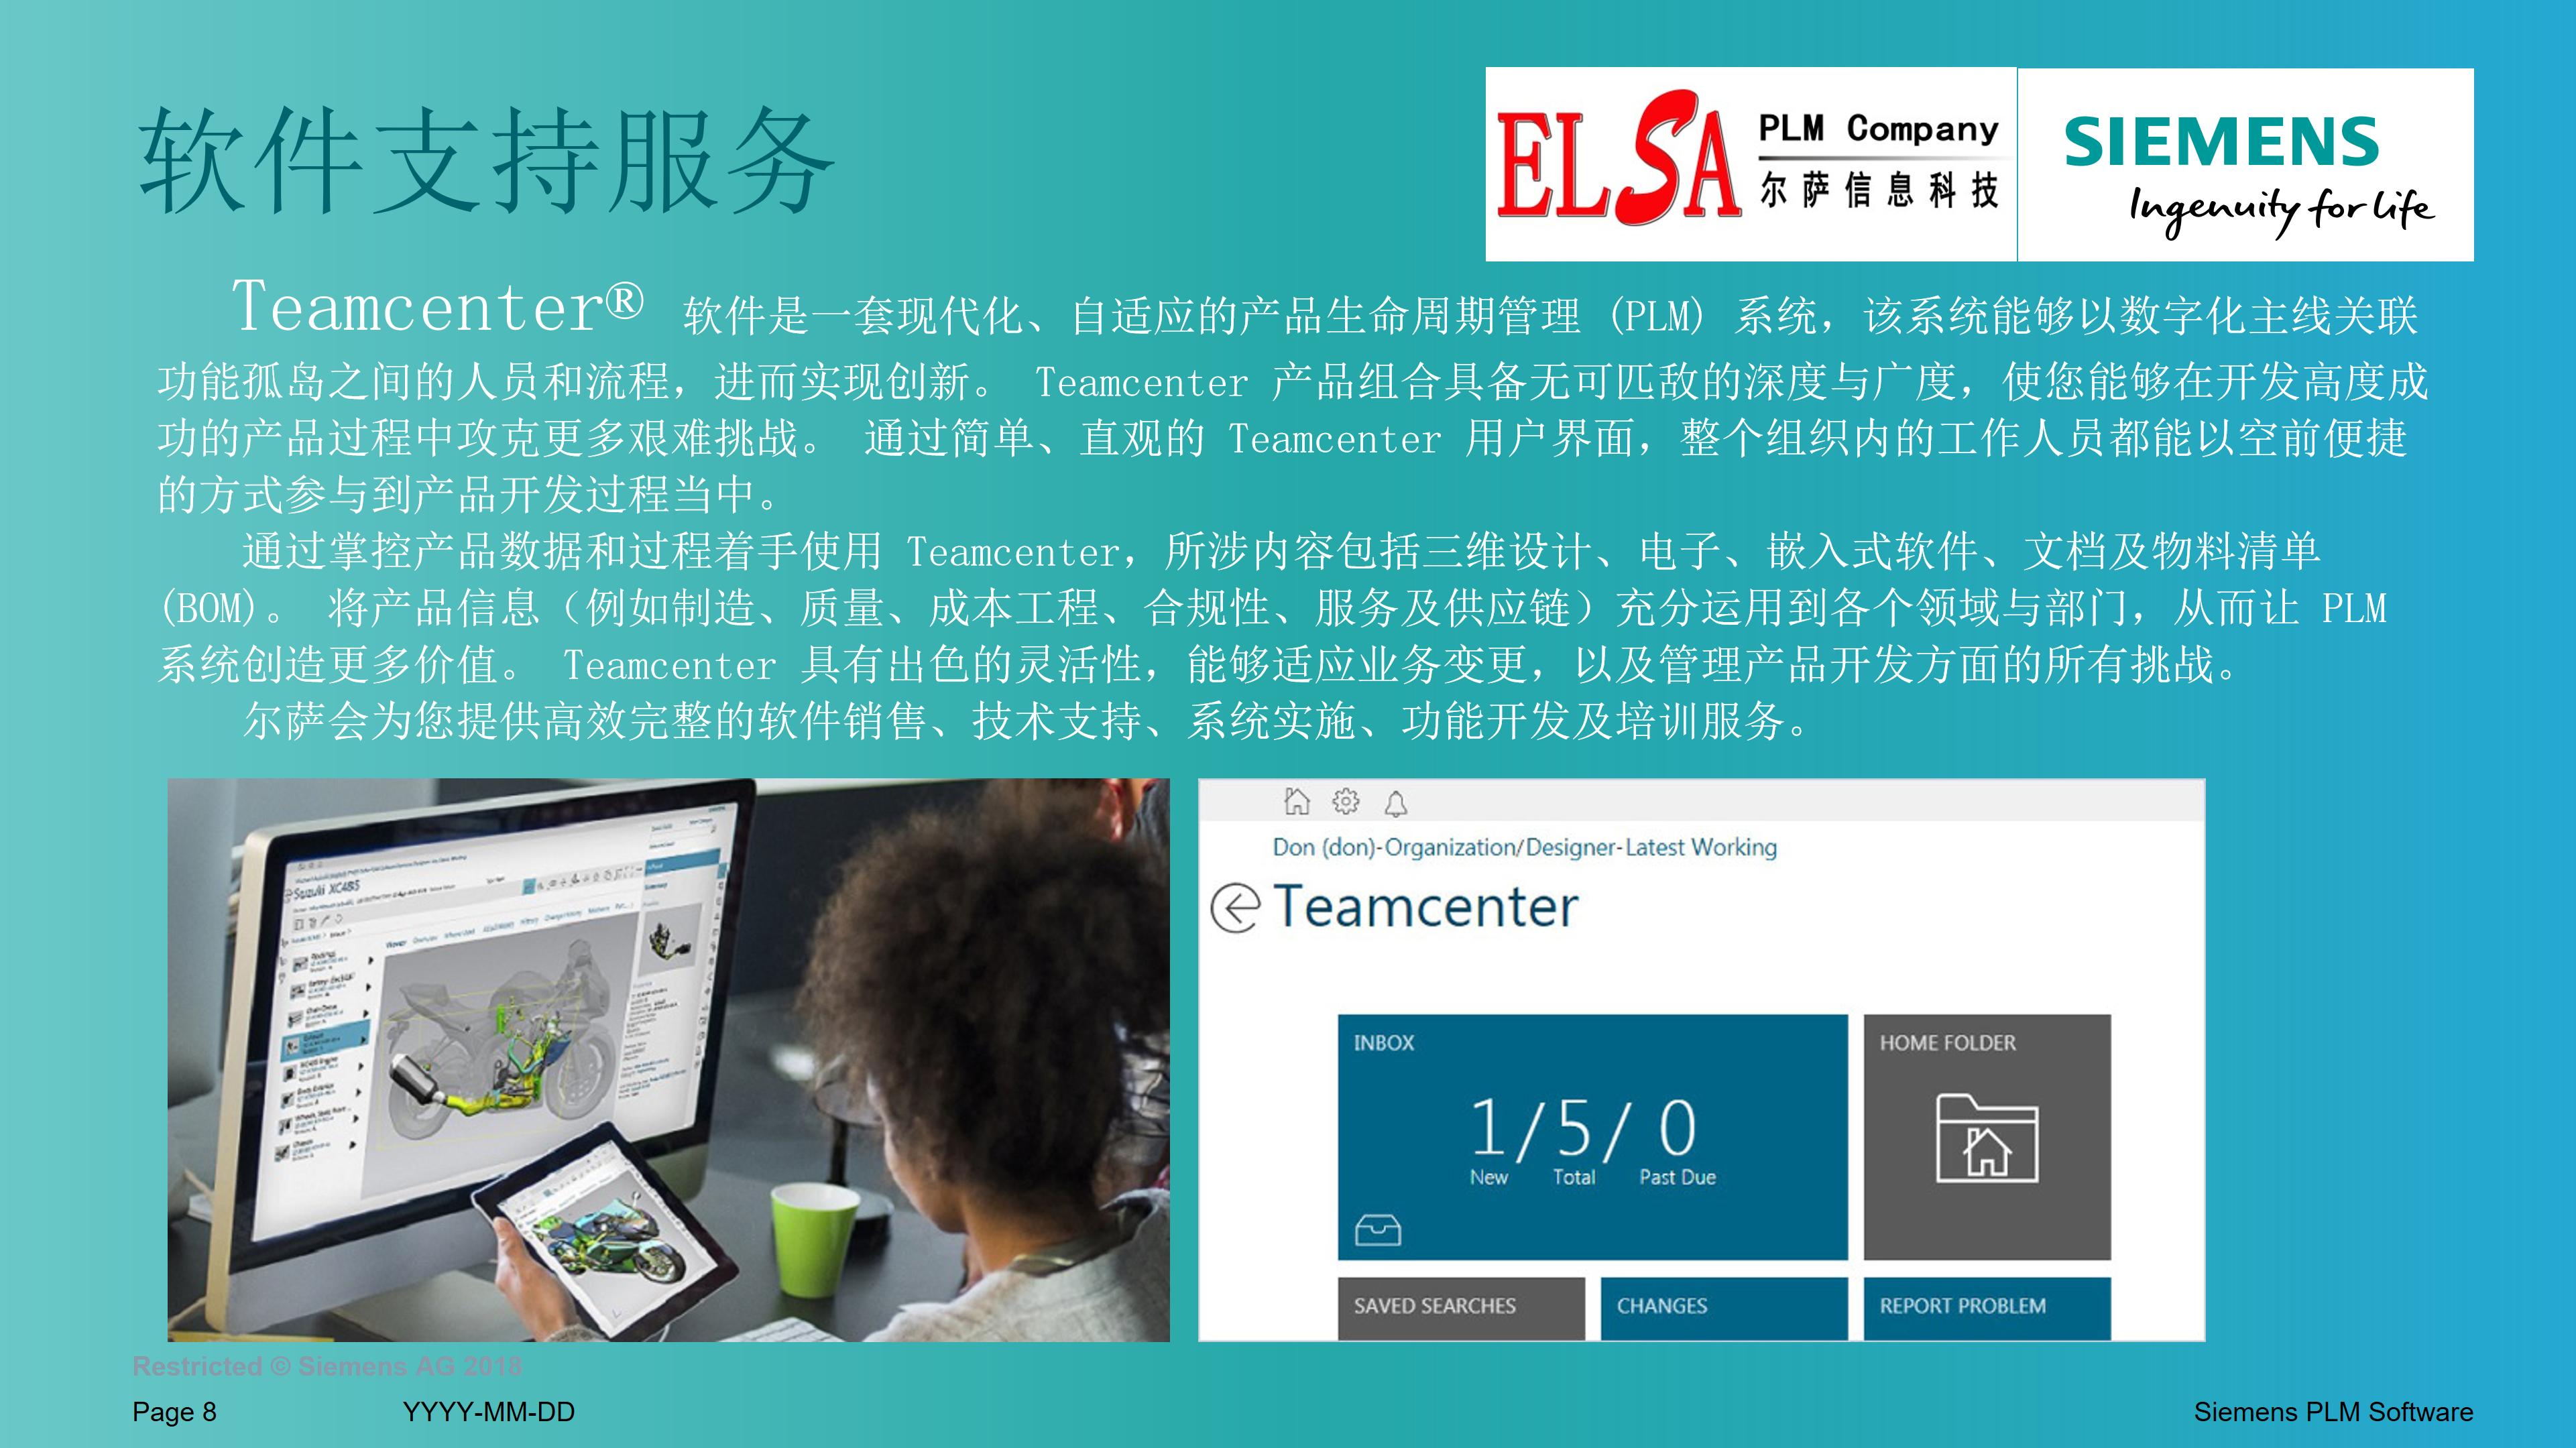 上海尔萨信息科技有限公司-技术业务介绍-上海尔萨信息科技有限公司-技术业务介绍_08